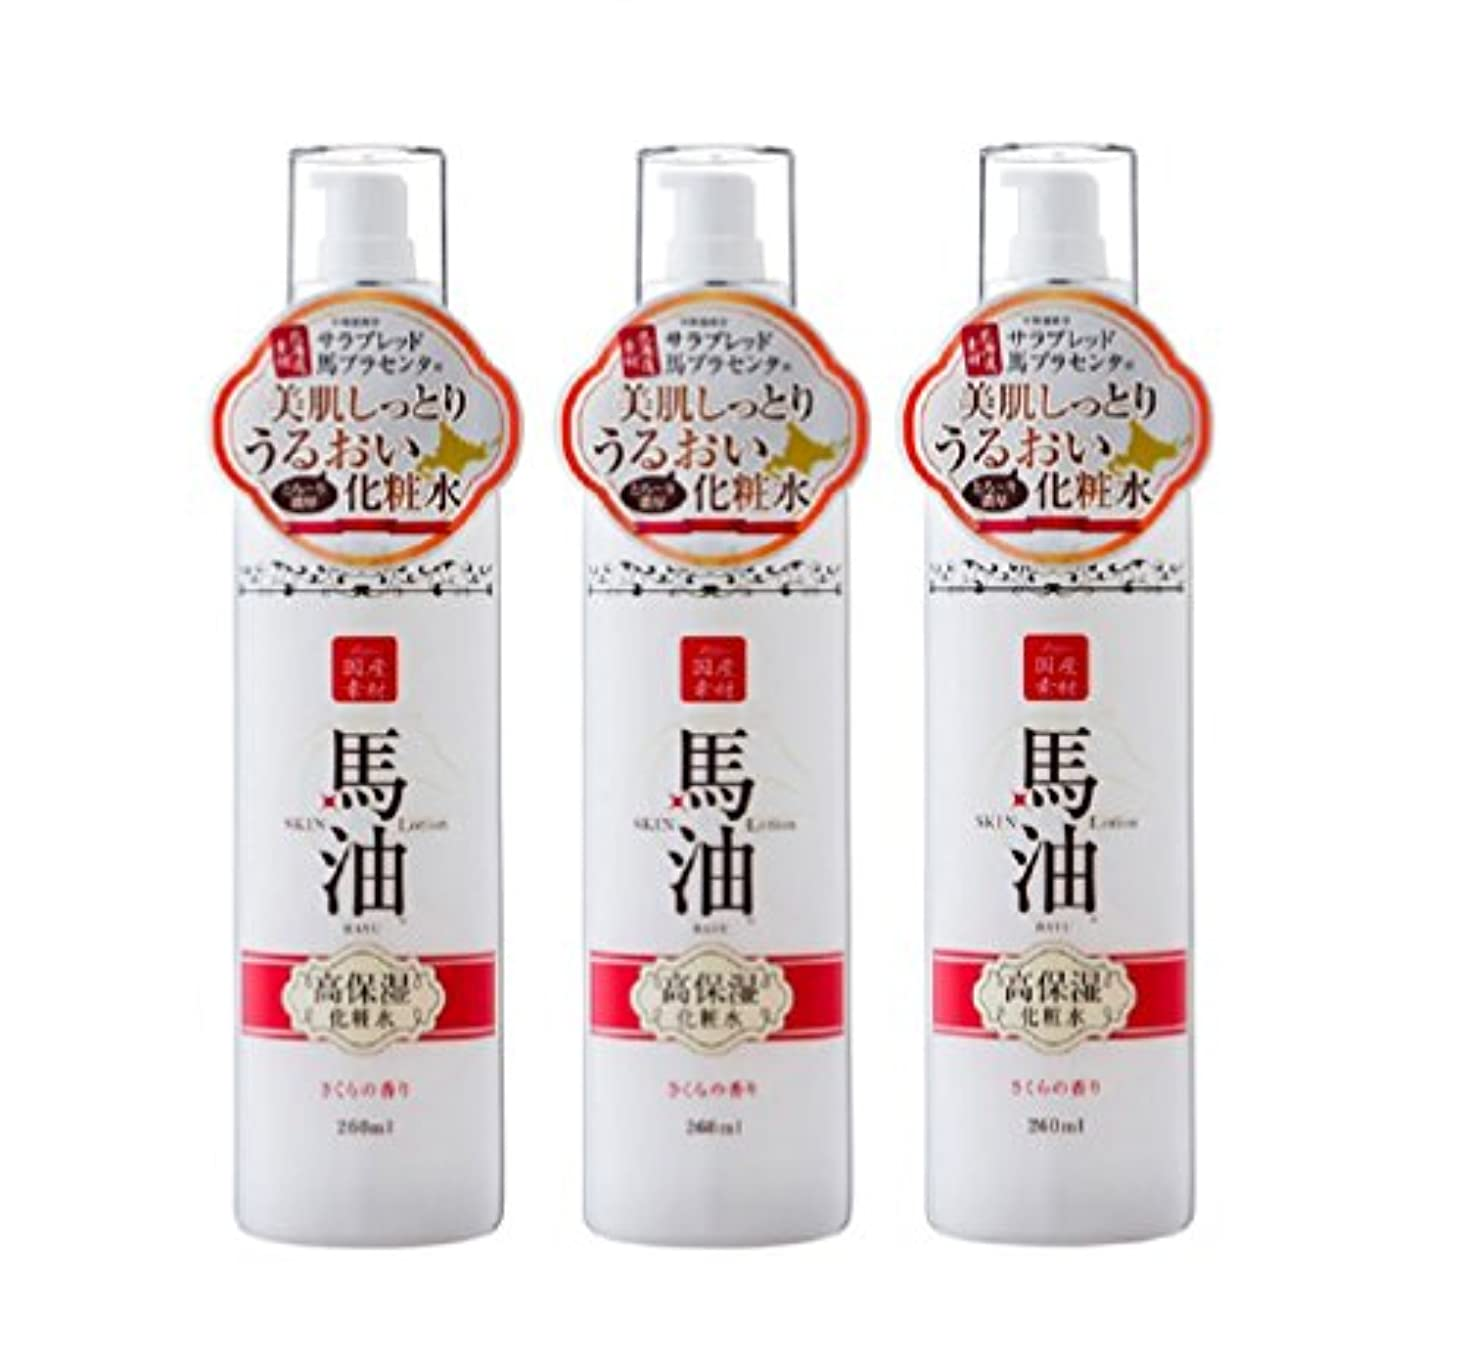 抽出遠征同情的リシャン 馬油化粧水 さくらの香り 260ml×3本セット